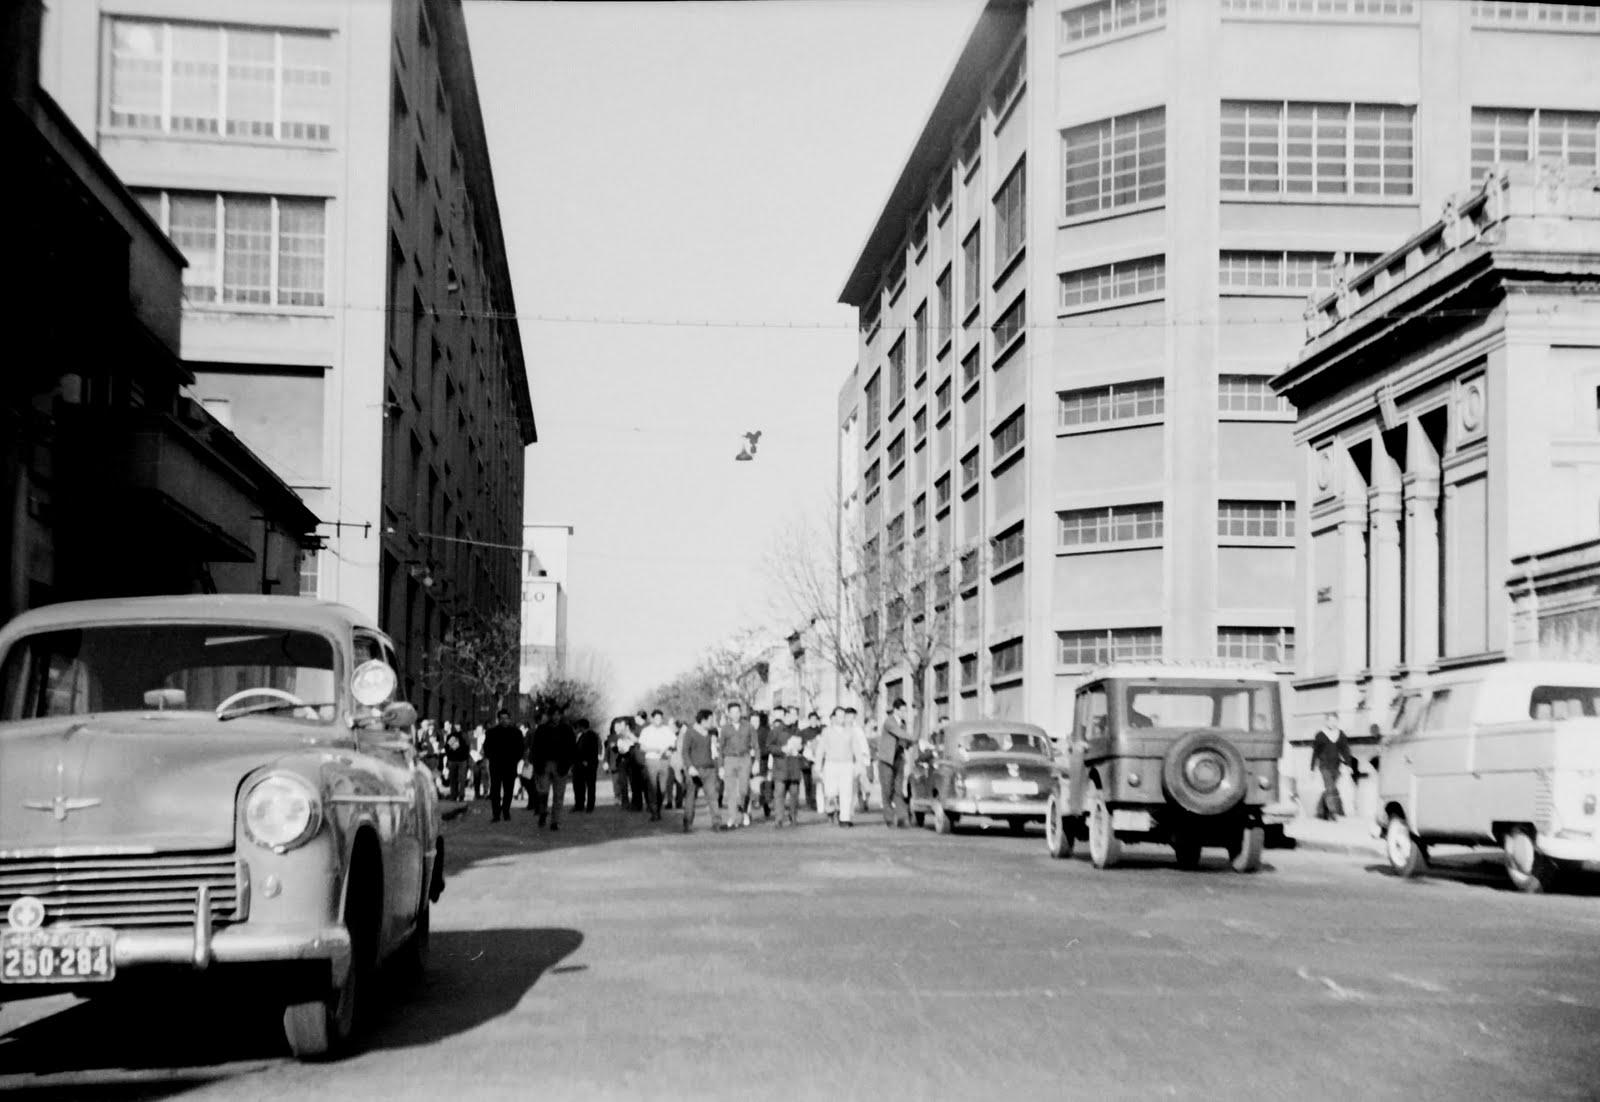 Recuerdos del 68 en Montevideo, Uruguay. Facultad de Medicina y Química junto a la Fábrica de Alpargatas.